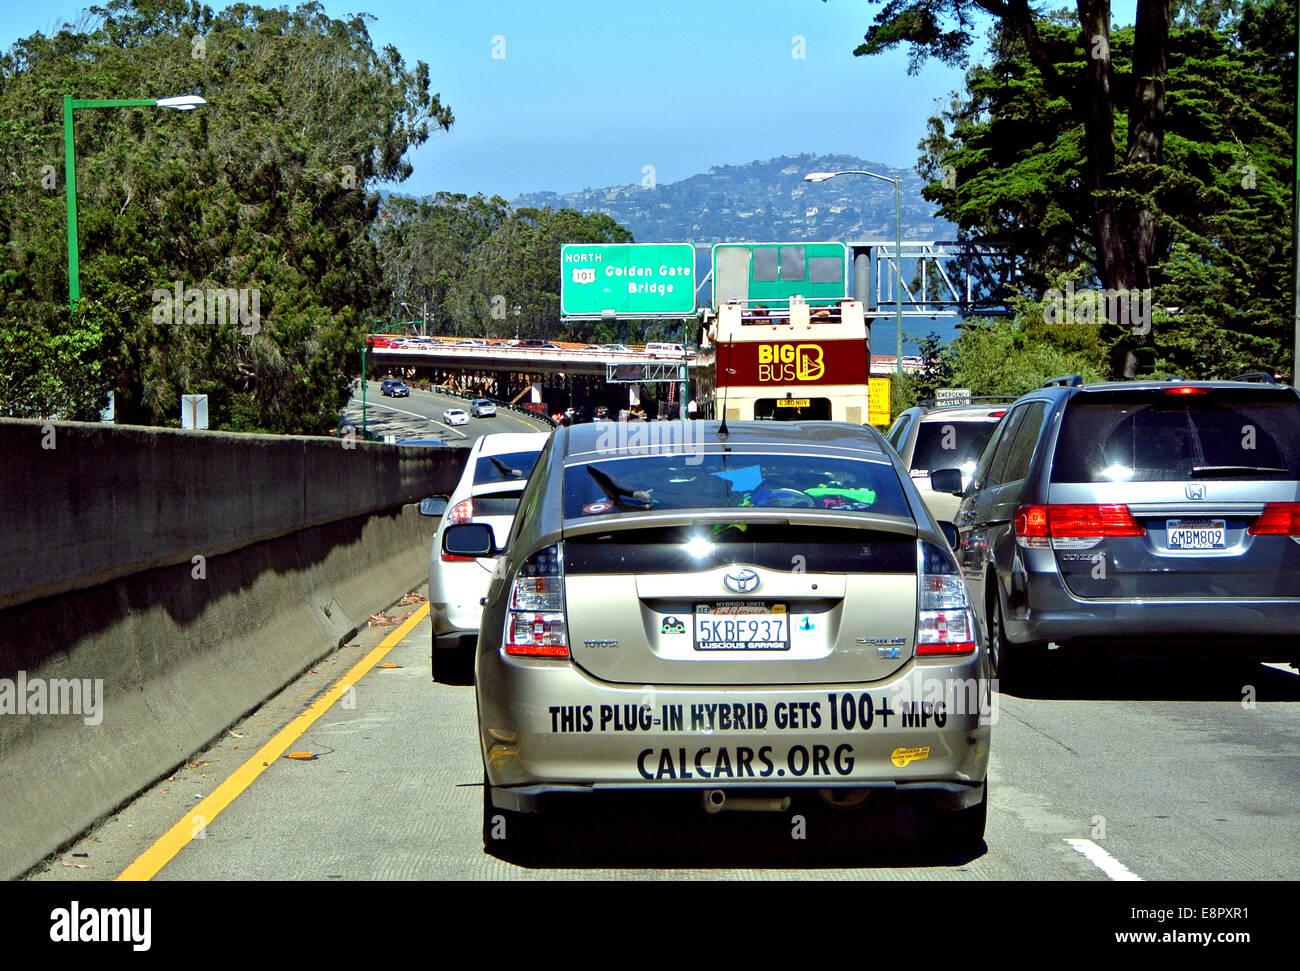 Plug in hybrid nel traffico in San Francisco California Immagini Stock